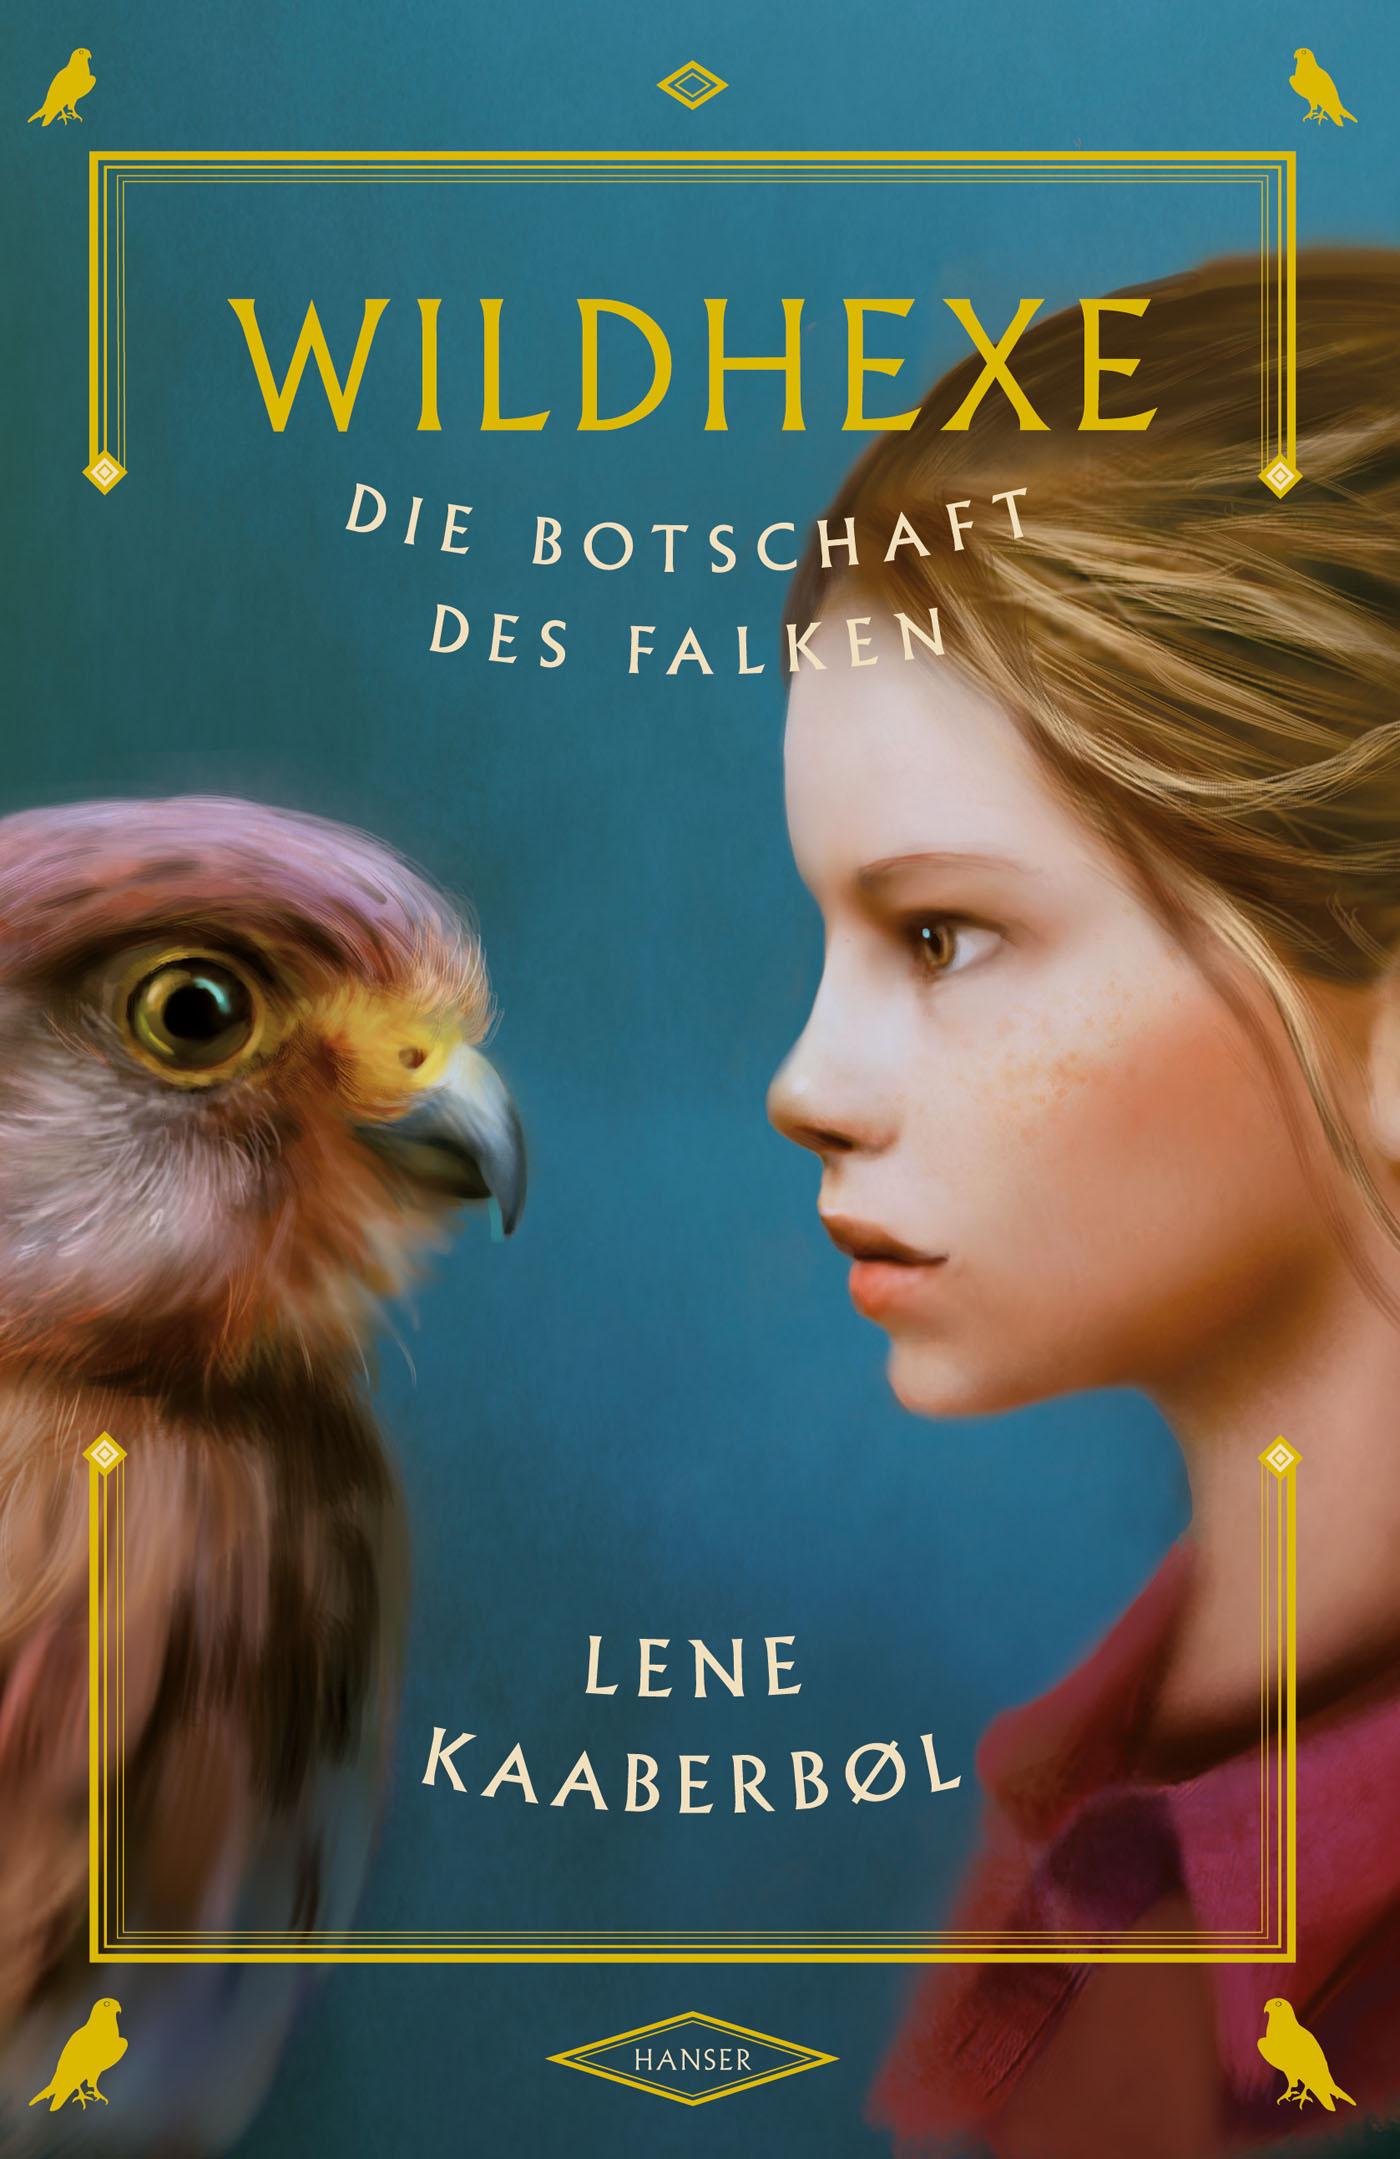 Wildhexe - Die Botschaft des Falken - Lene Kaaberbøl